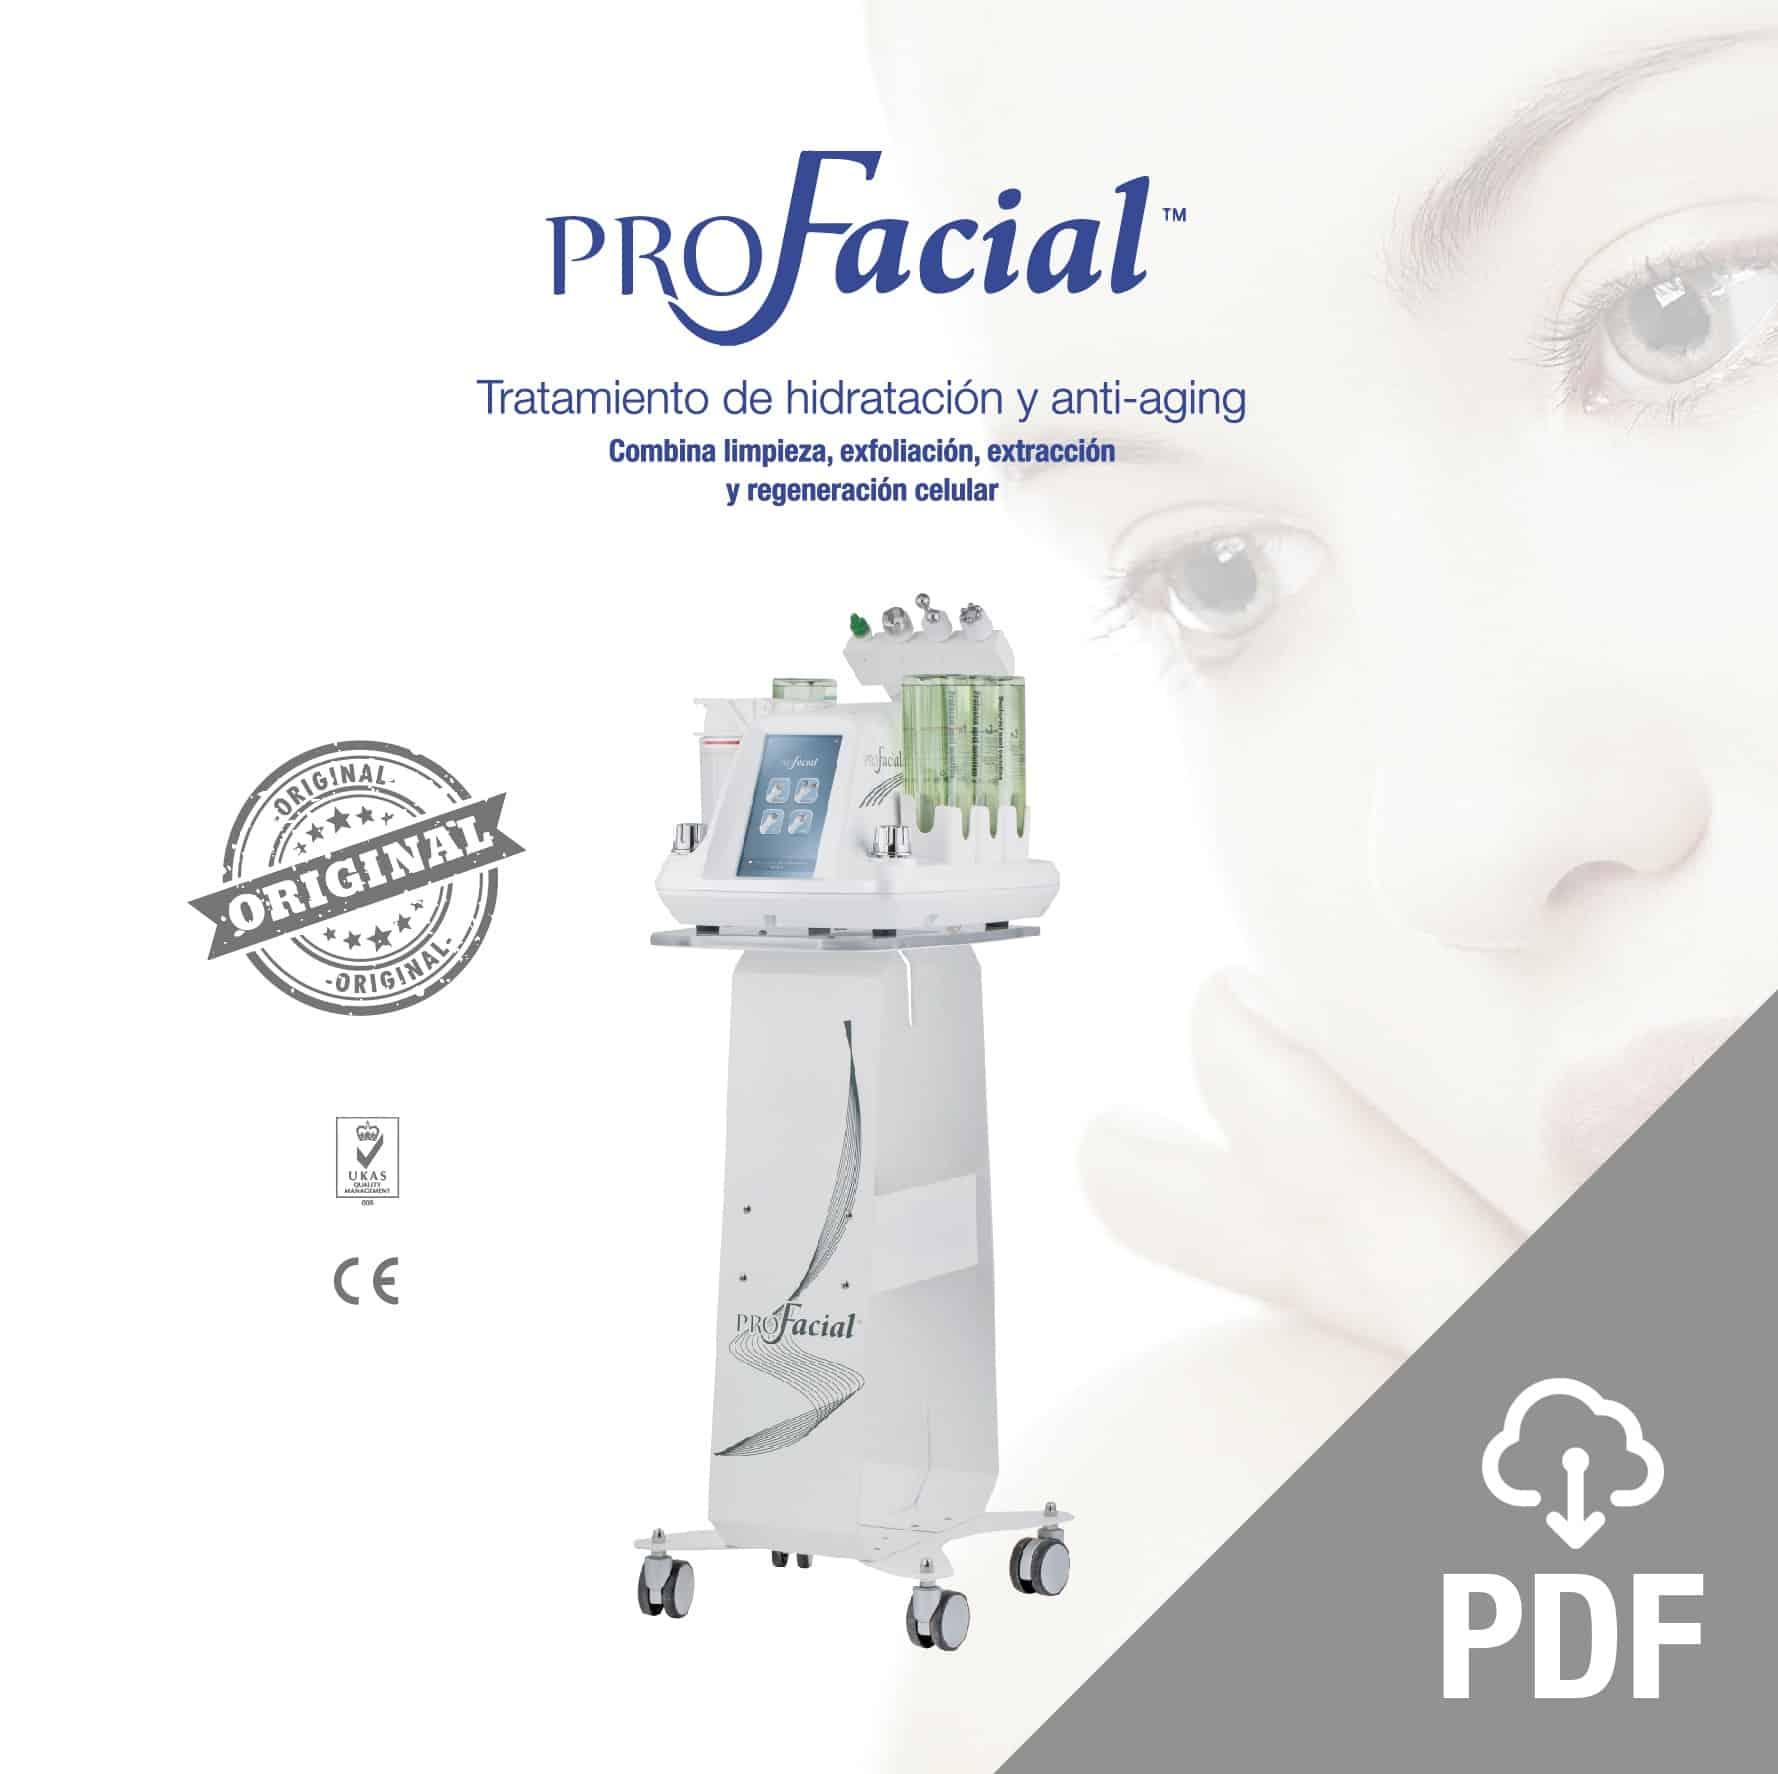 profacial pdf 3 original Aqua Peeling, Ion Lifting, radiofrecuencia y Ultrasonidos. belium medical distribuidor españa. Limpieza facial profunda, rejuvenecimiento, antiarrugas, producción de colágeno